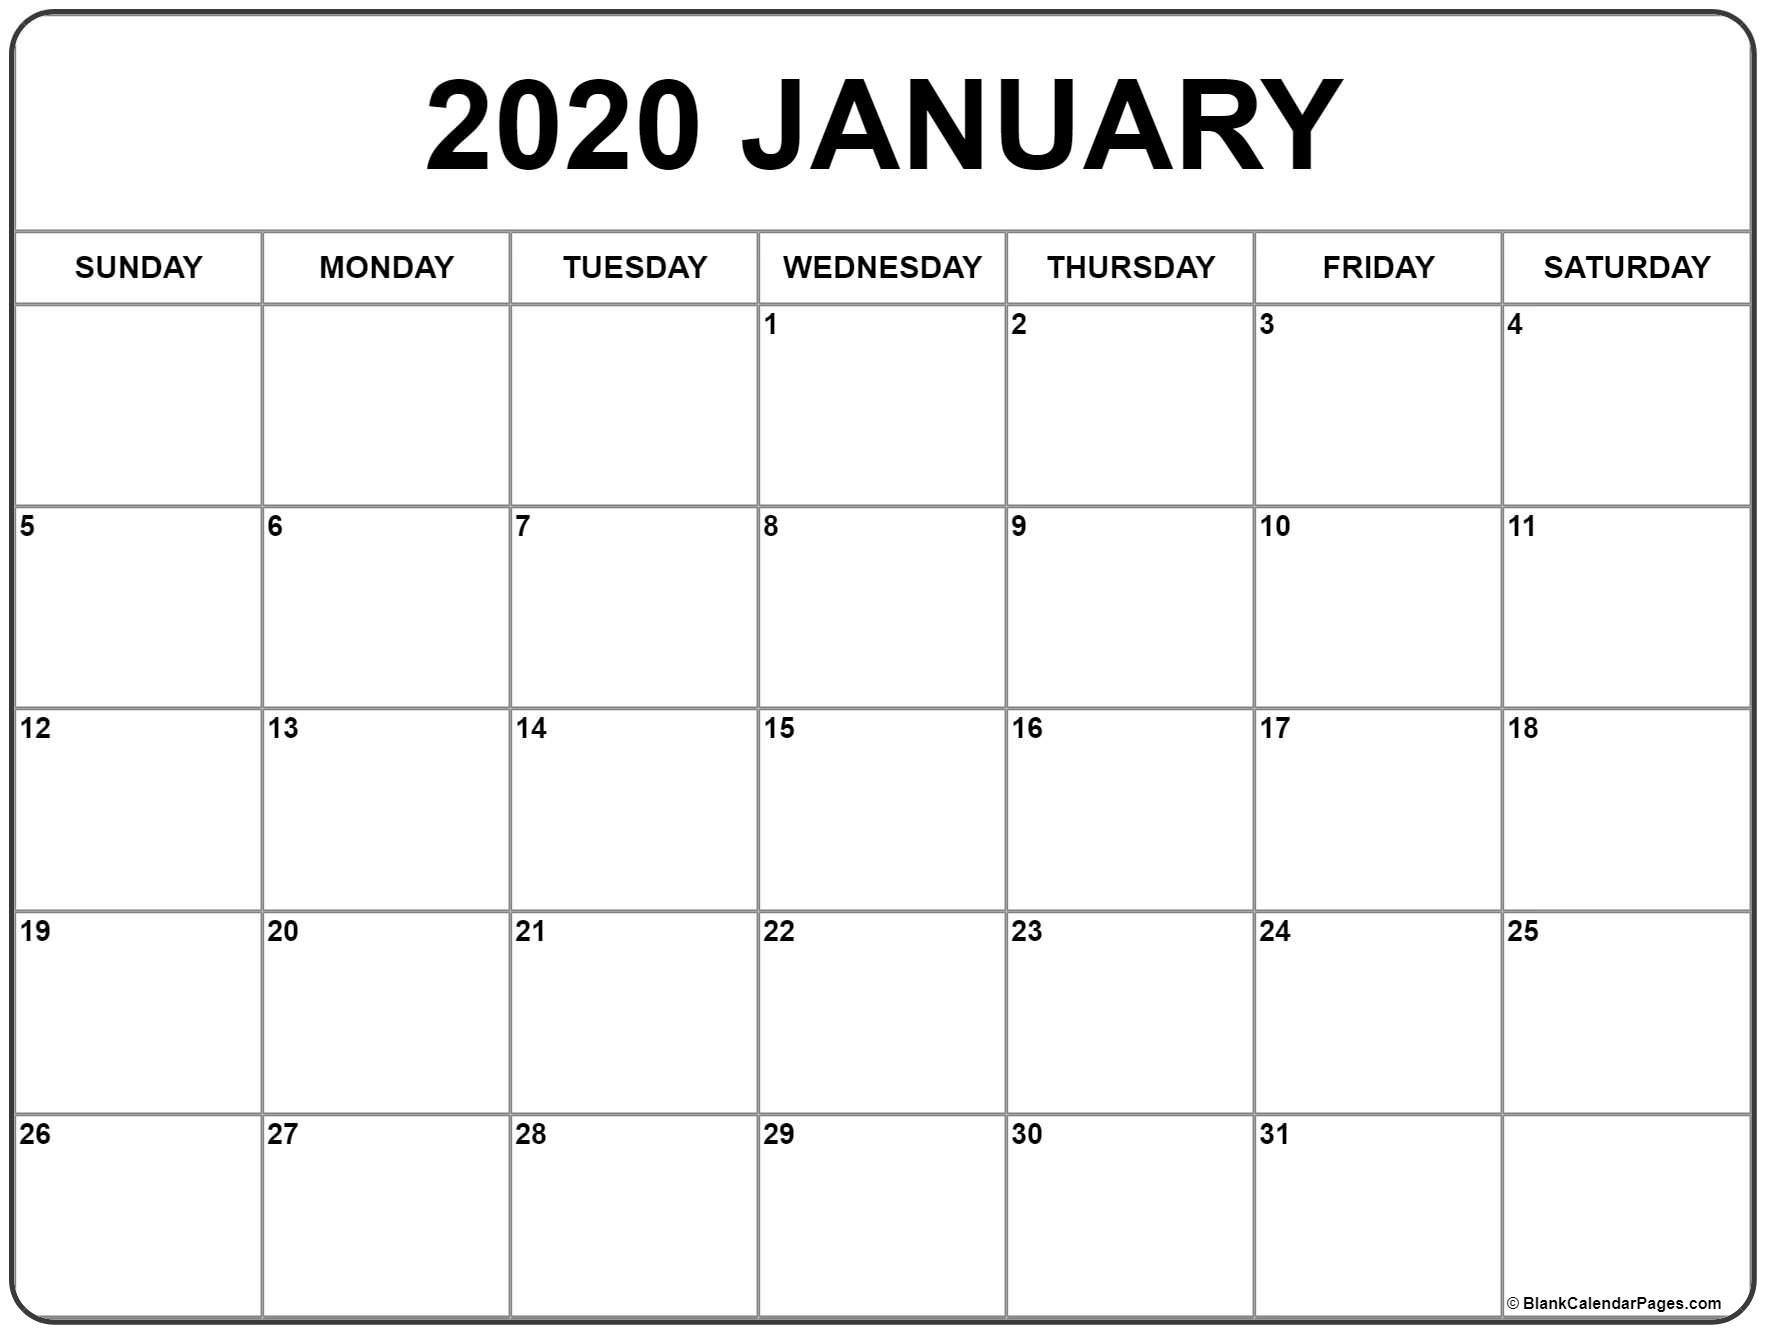 January 2020 Calendar | Free Printable Monthly Calendars  Full Size Sheet Printable September  2020Calendar